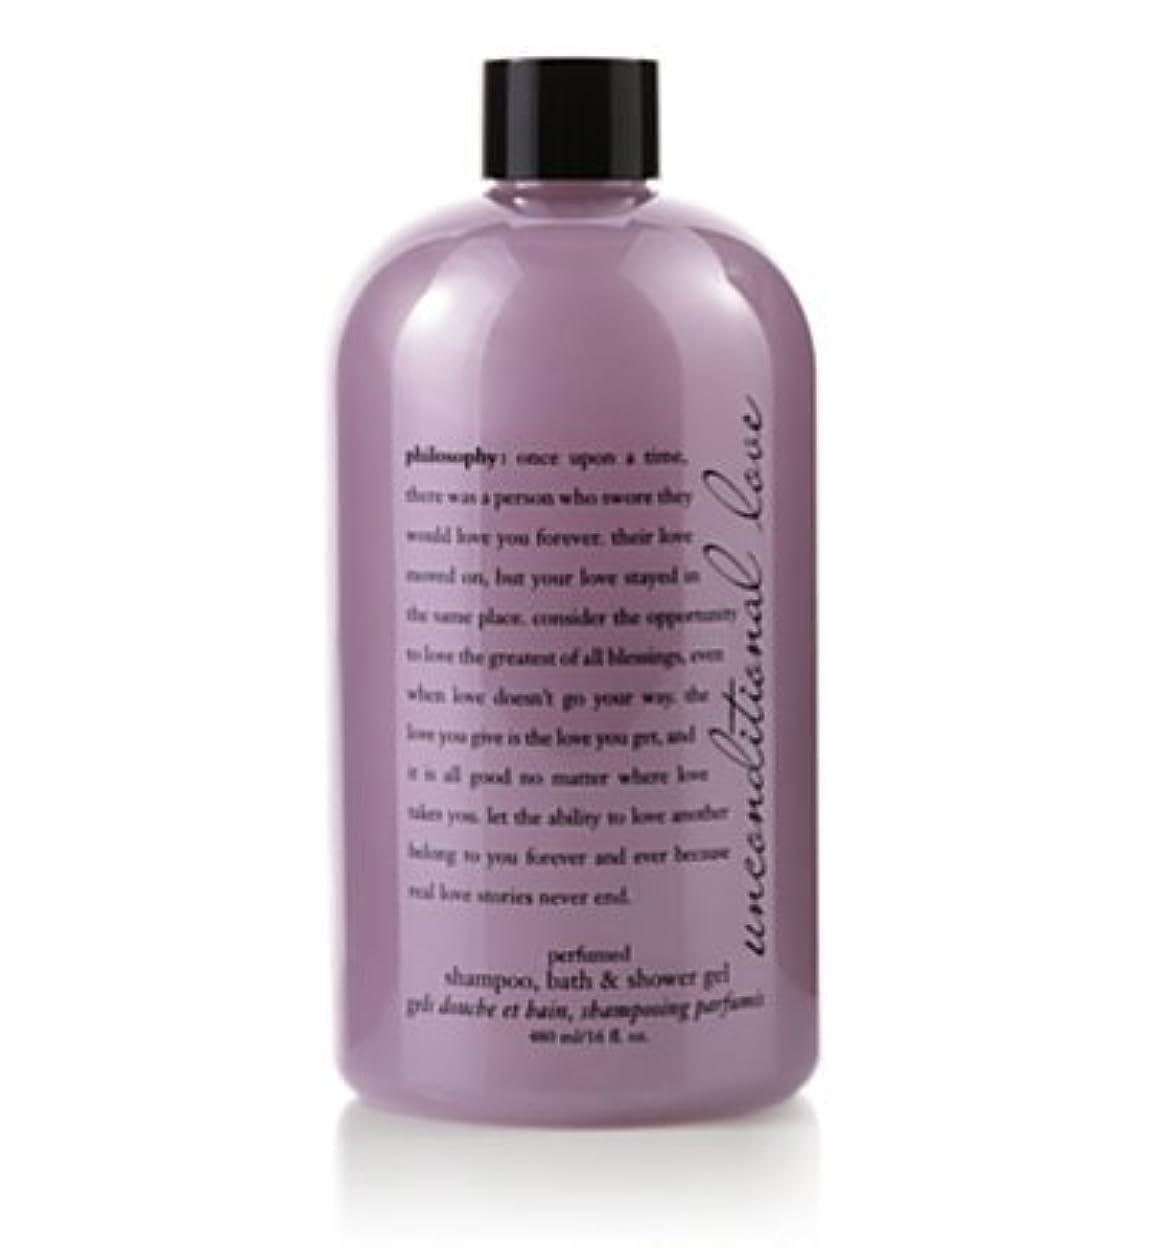 溶けた機械的土曜日unconditional love (アンコンディショナルラブ ) 16.0 oz (480ml) perfumed shampoo, bath & shower gel for Women